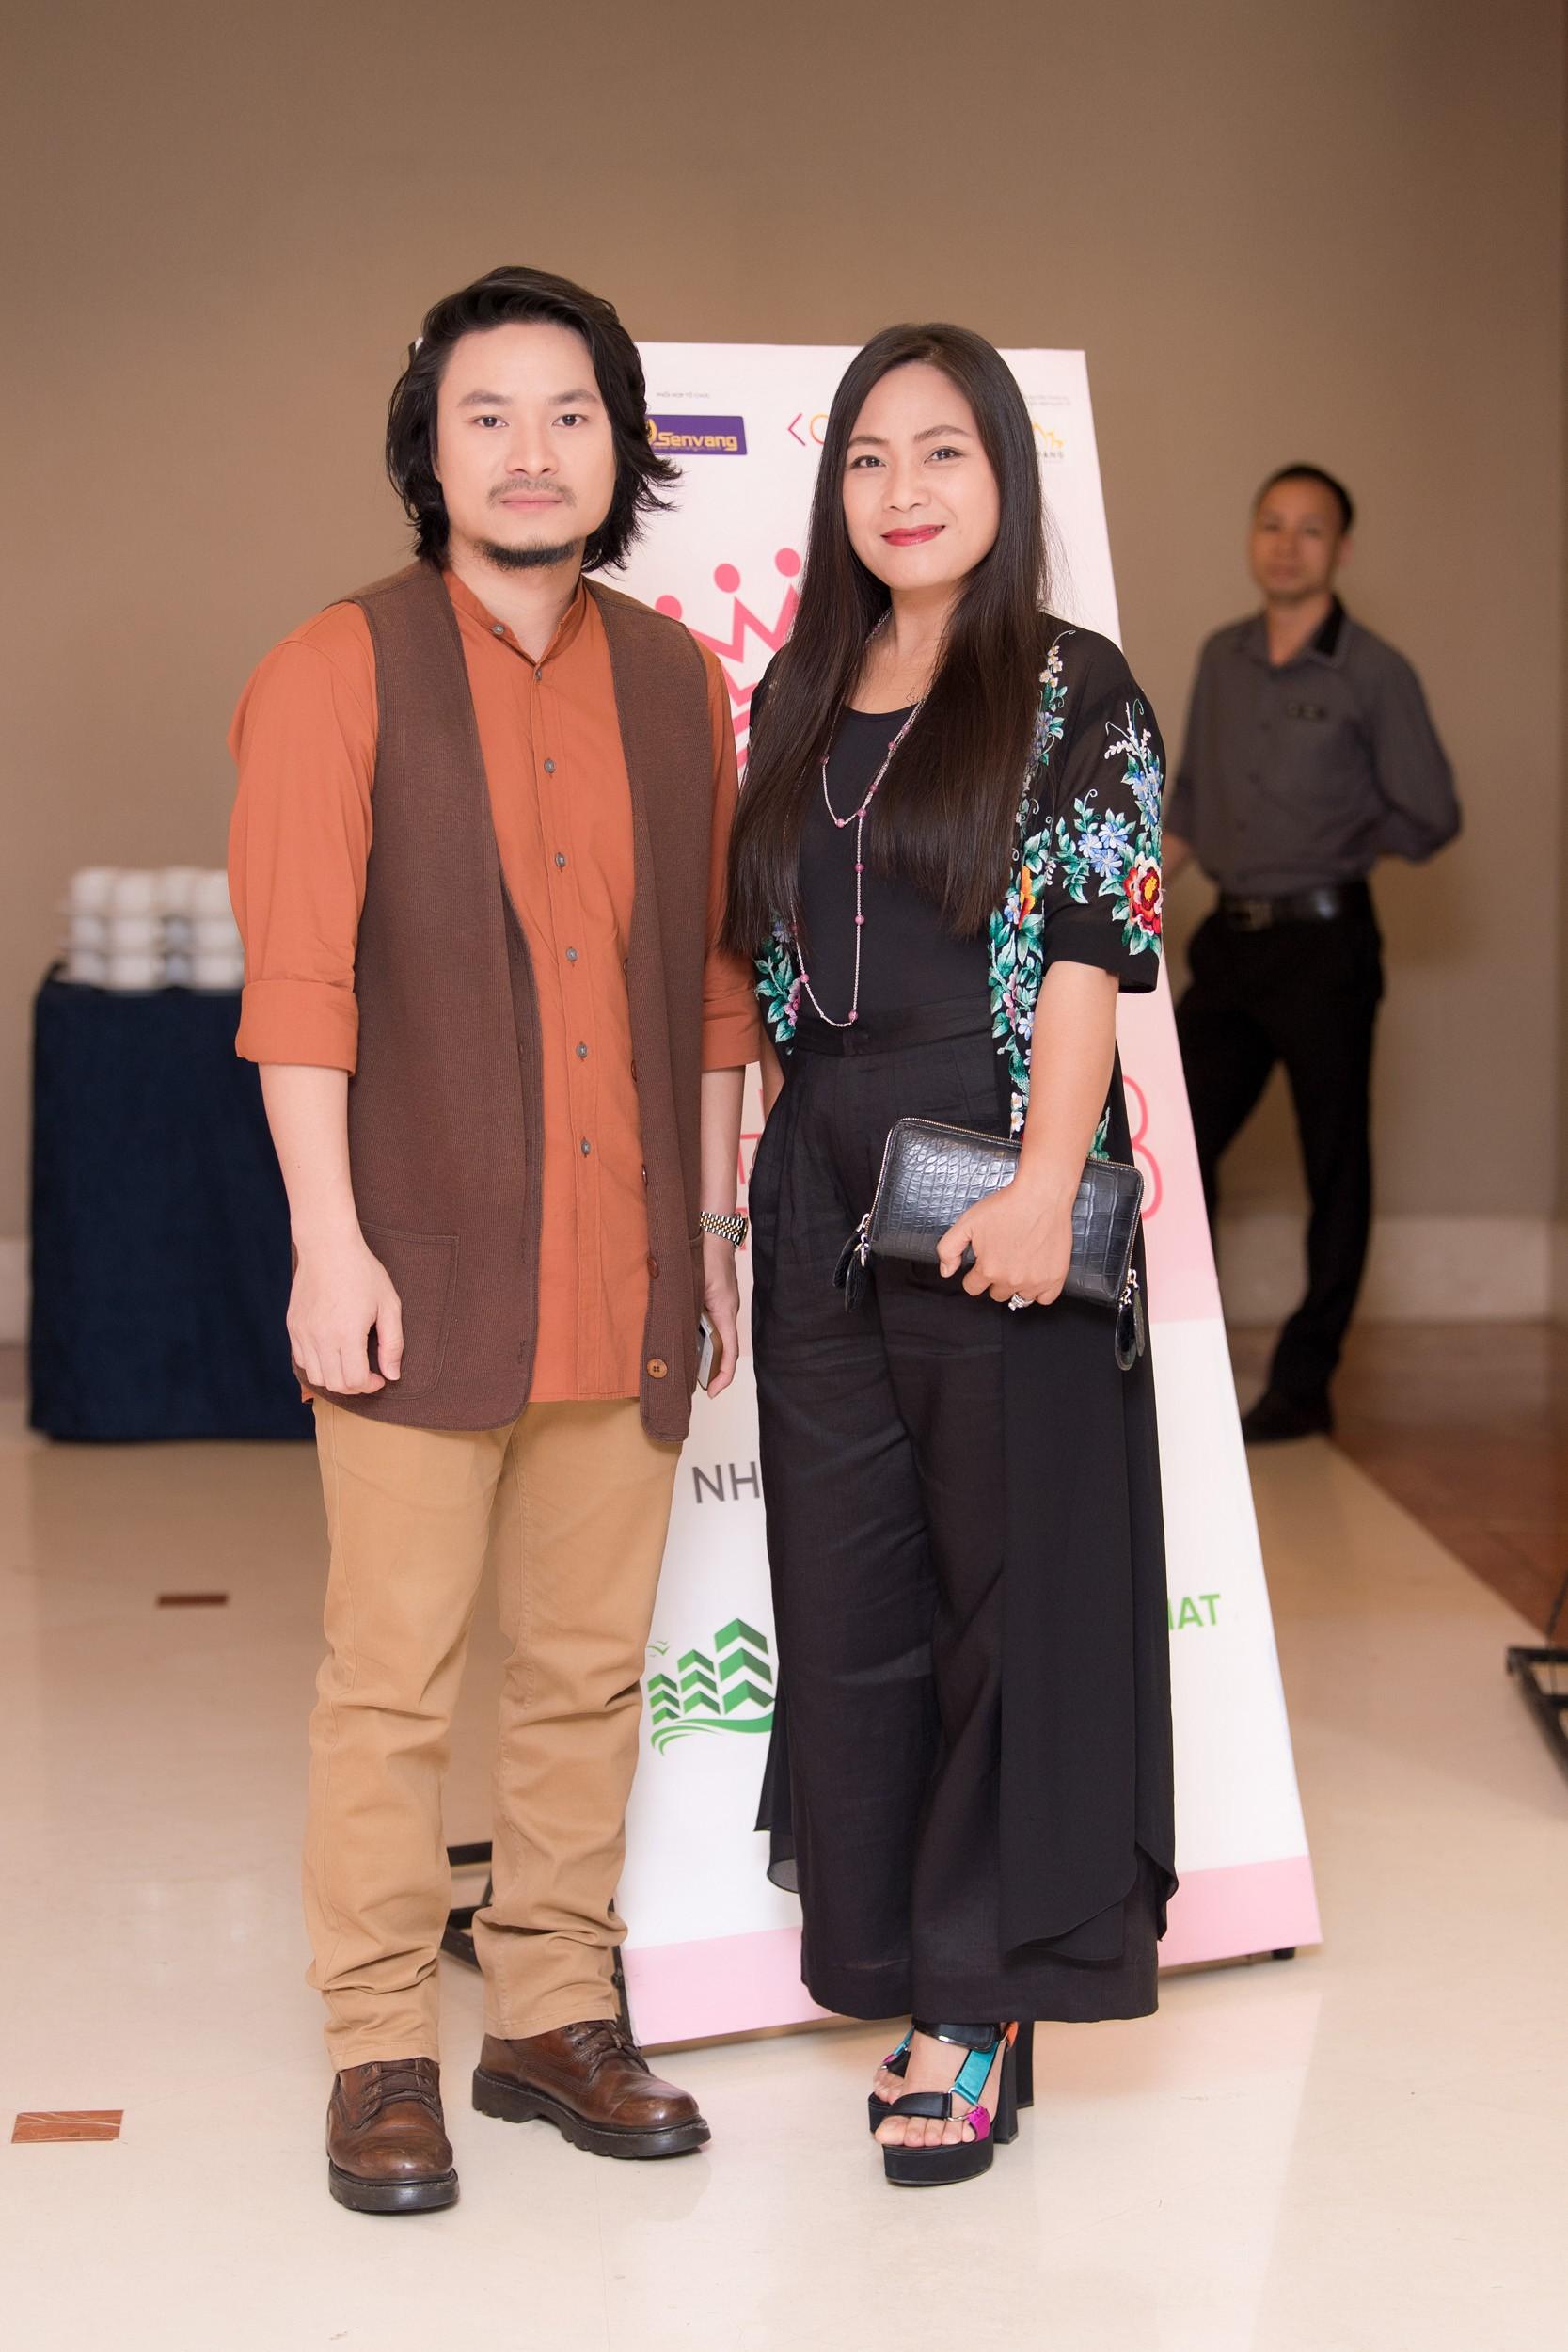 Hoa hậu Việt Nam 2018 mời bác sĩ nha khoa, nhân trắc học nhiều lần tránh để lọt thí sinh phẫu thuật thẩm mỹ - Ảnh 4.